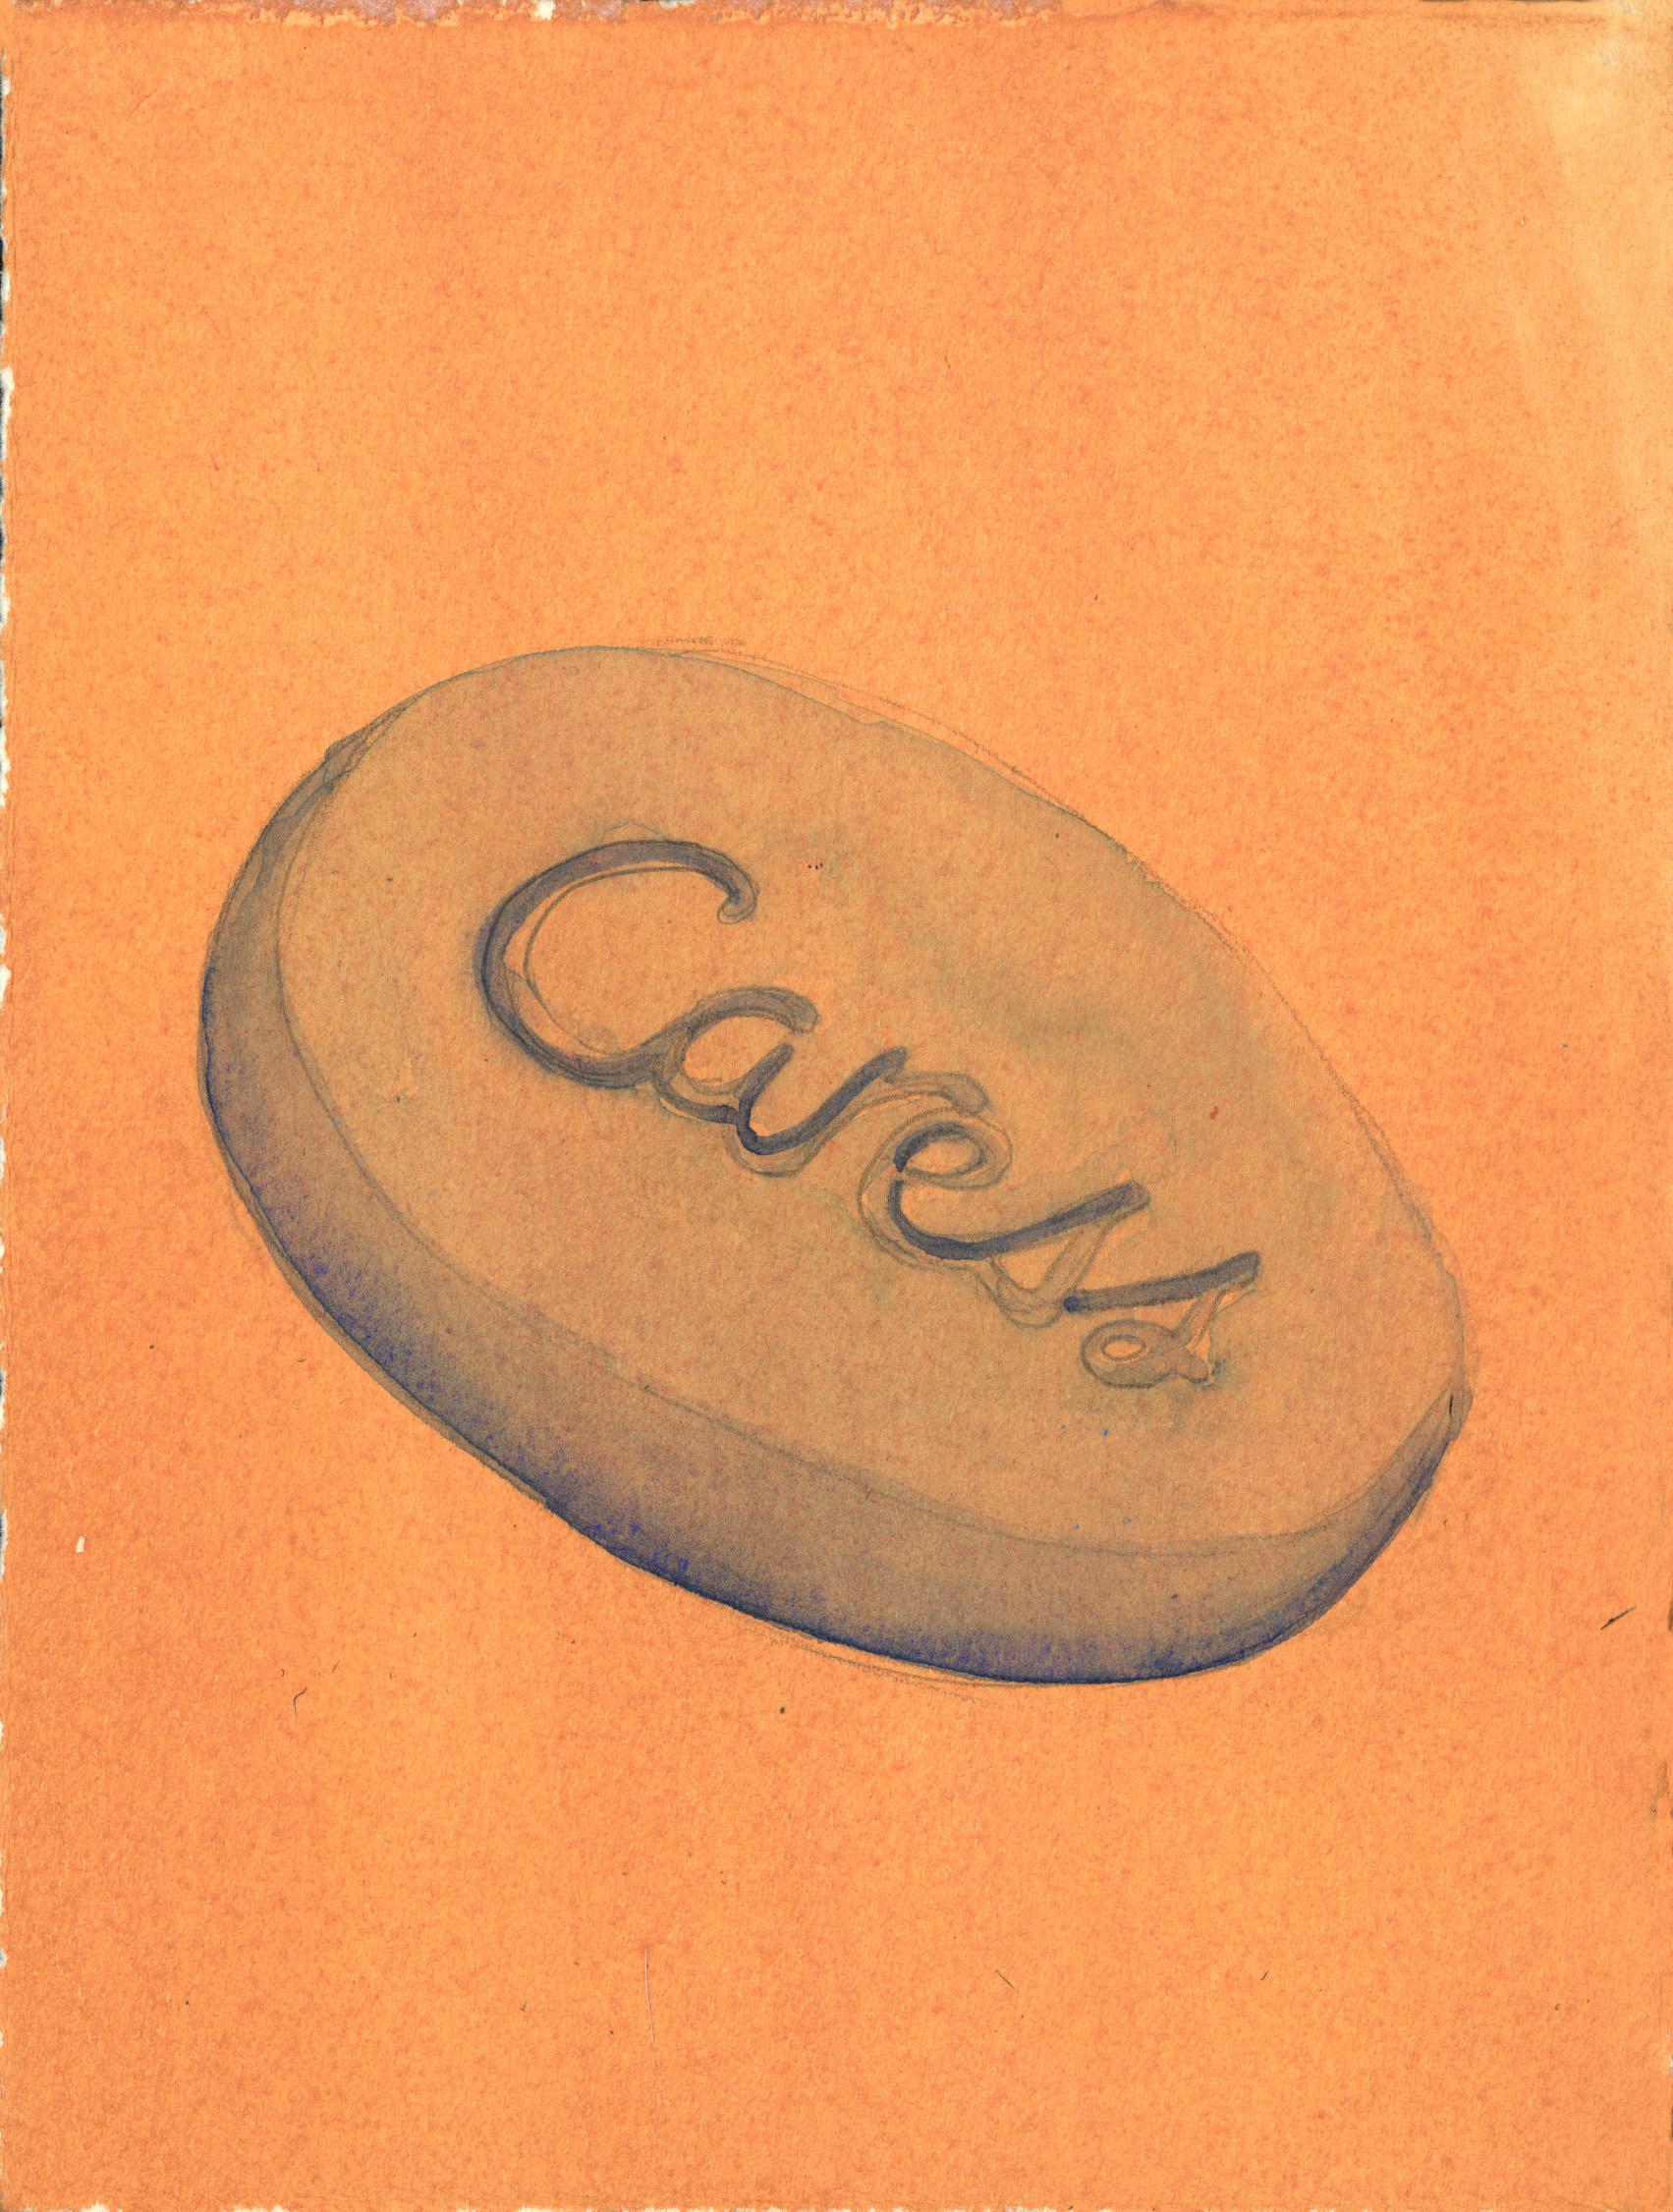 Caress, 2014